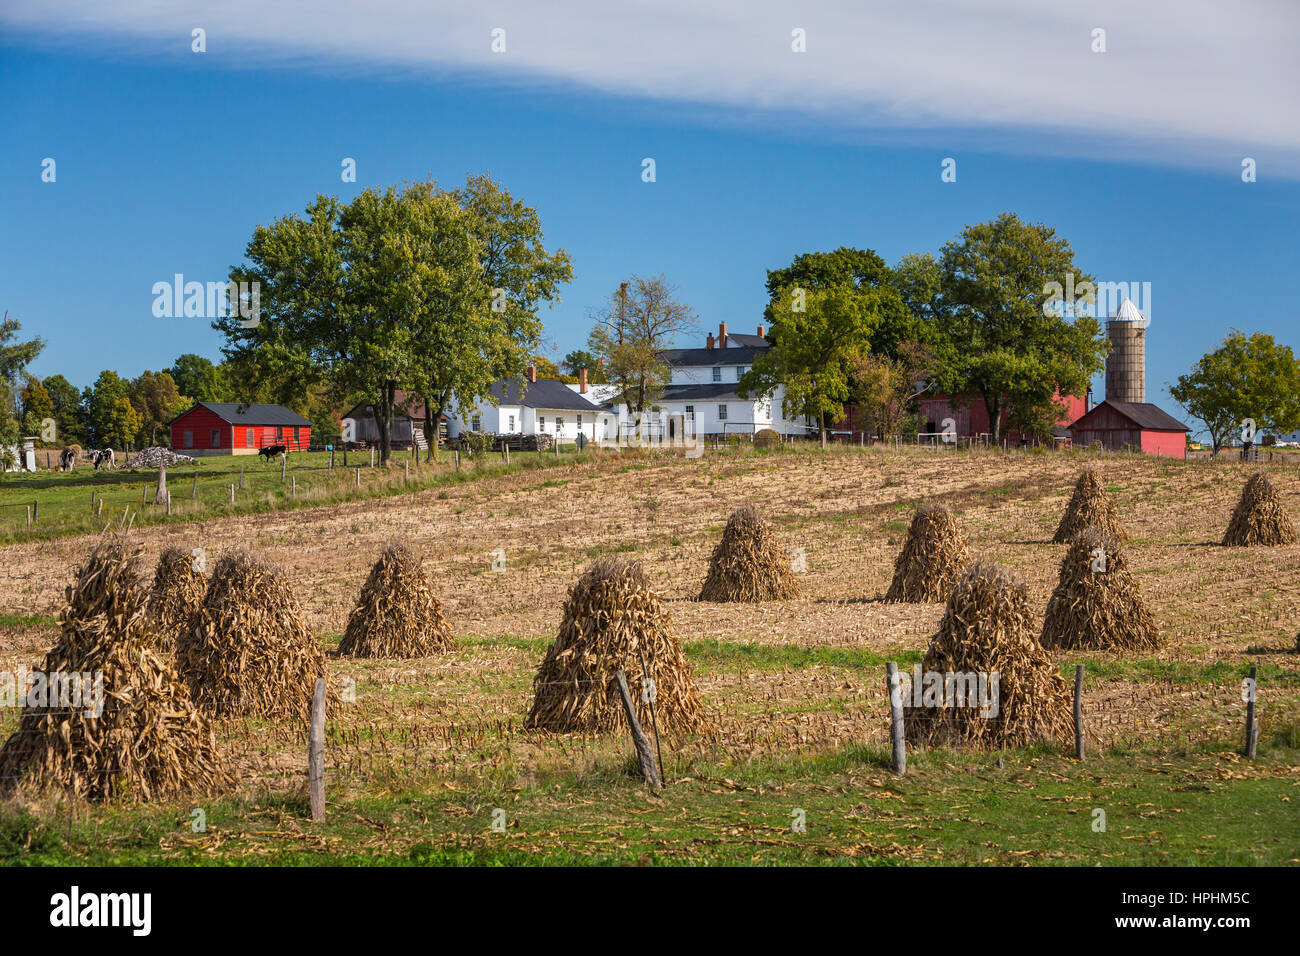 Un Amish farm avec chocs de maïs dans le champ près de Kidron, Ohio, USA. Banque D'Images